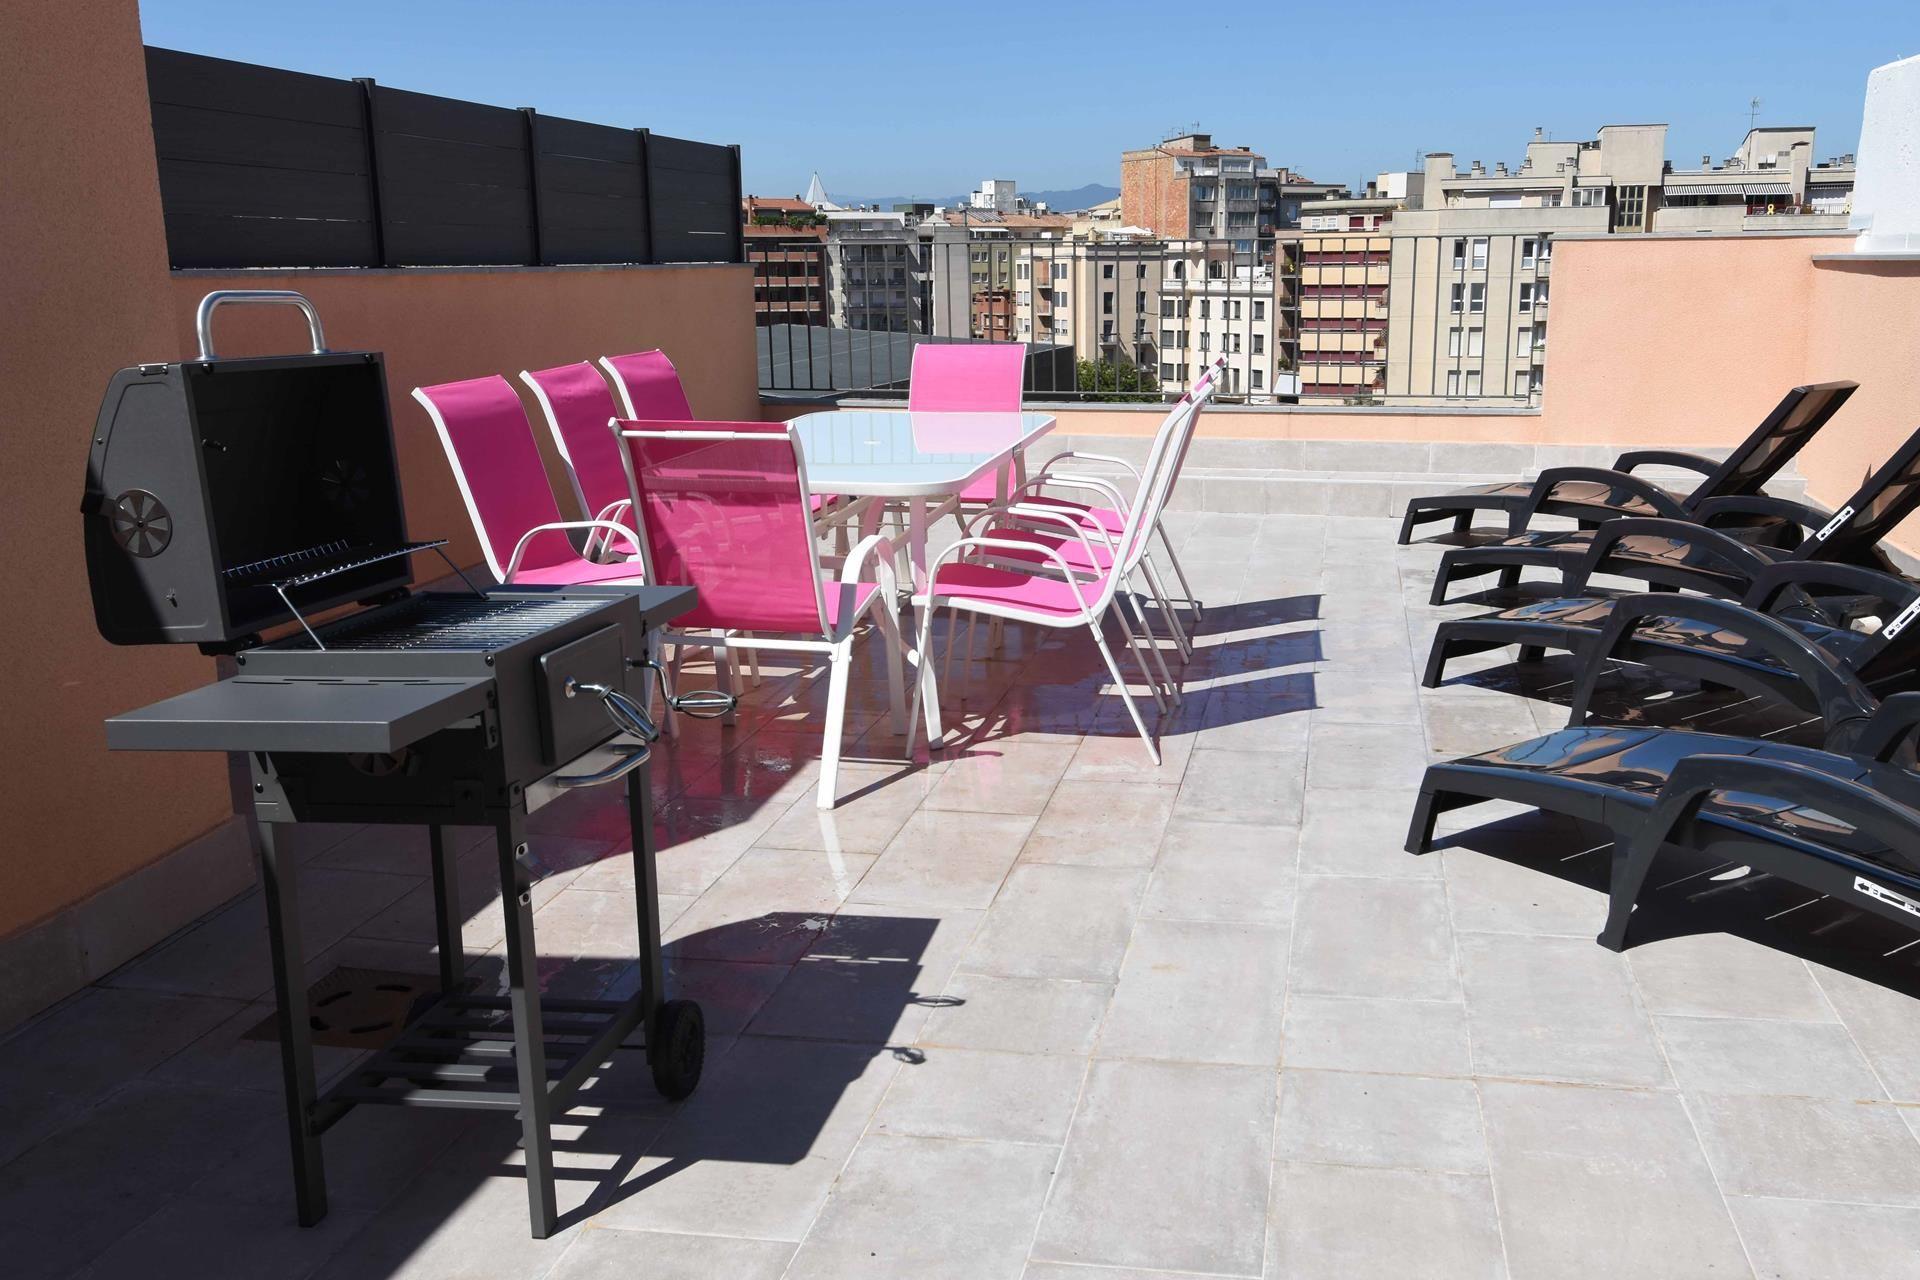 Alquiler Piso  Centro - barri vell. Apartamento ático con terraza  de 55m2 de 3 dormitorios y 2 baño